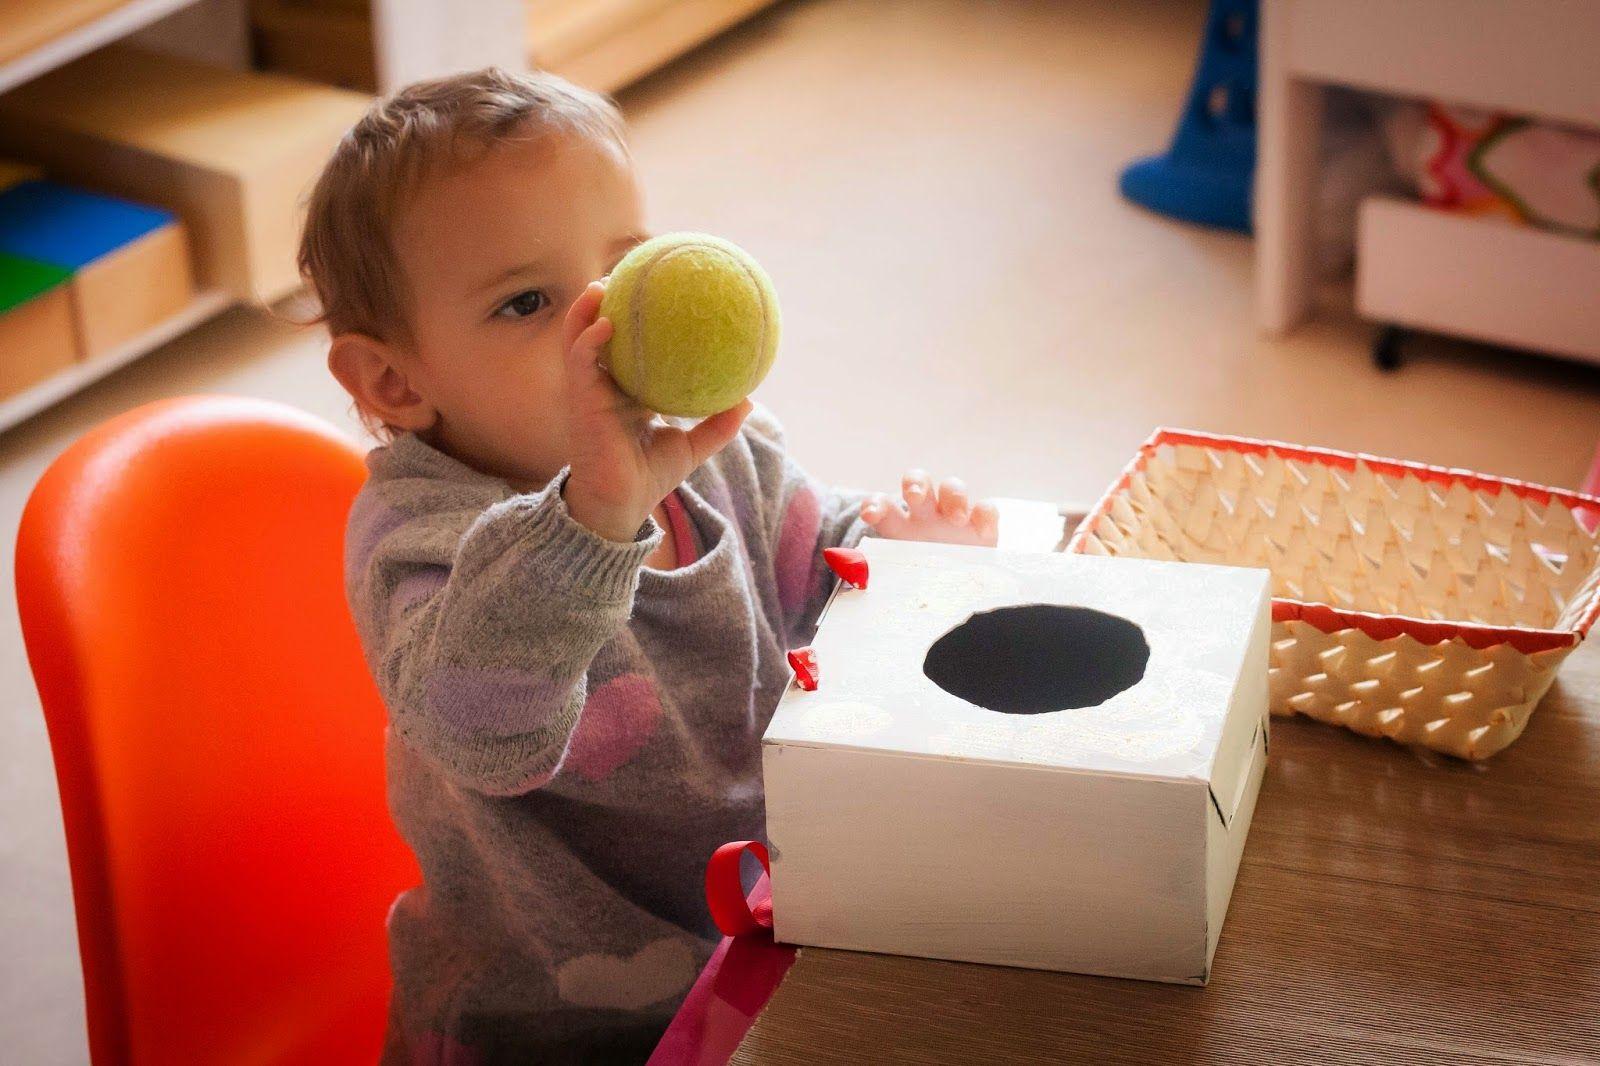 4 juguetes diy montessori para tu peque estimulacion temprana pinterest juguetes. Black Bedroom Furniture Sets. Home Design Ideas